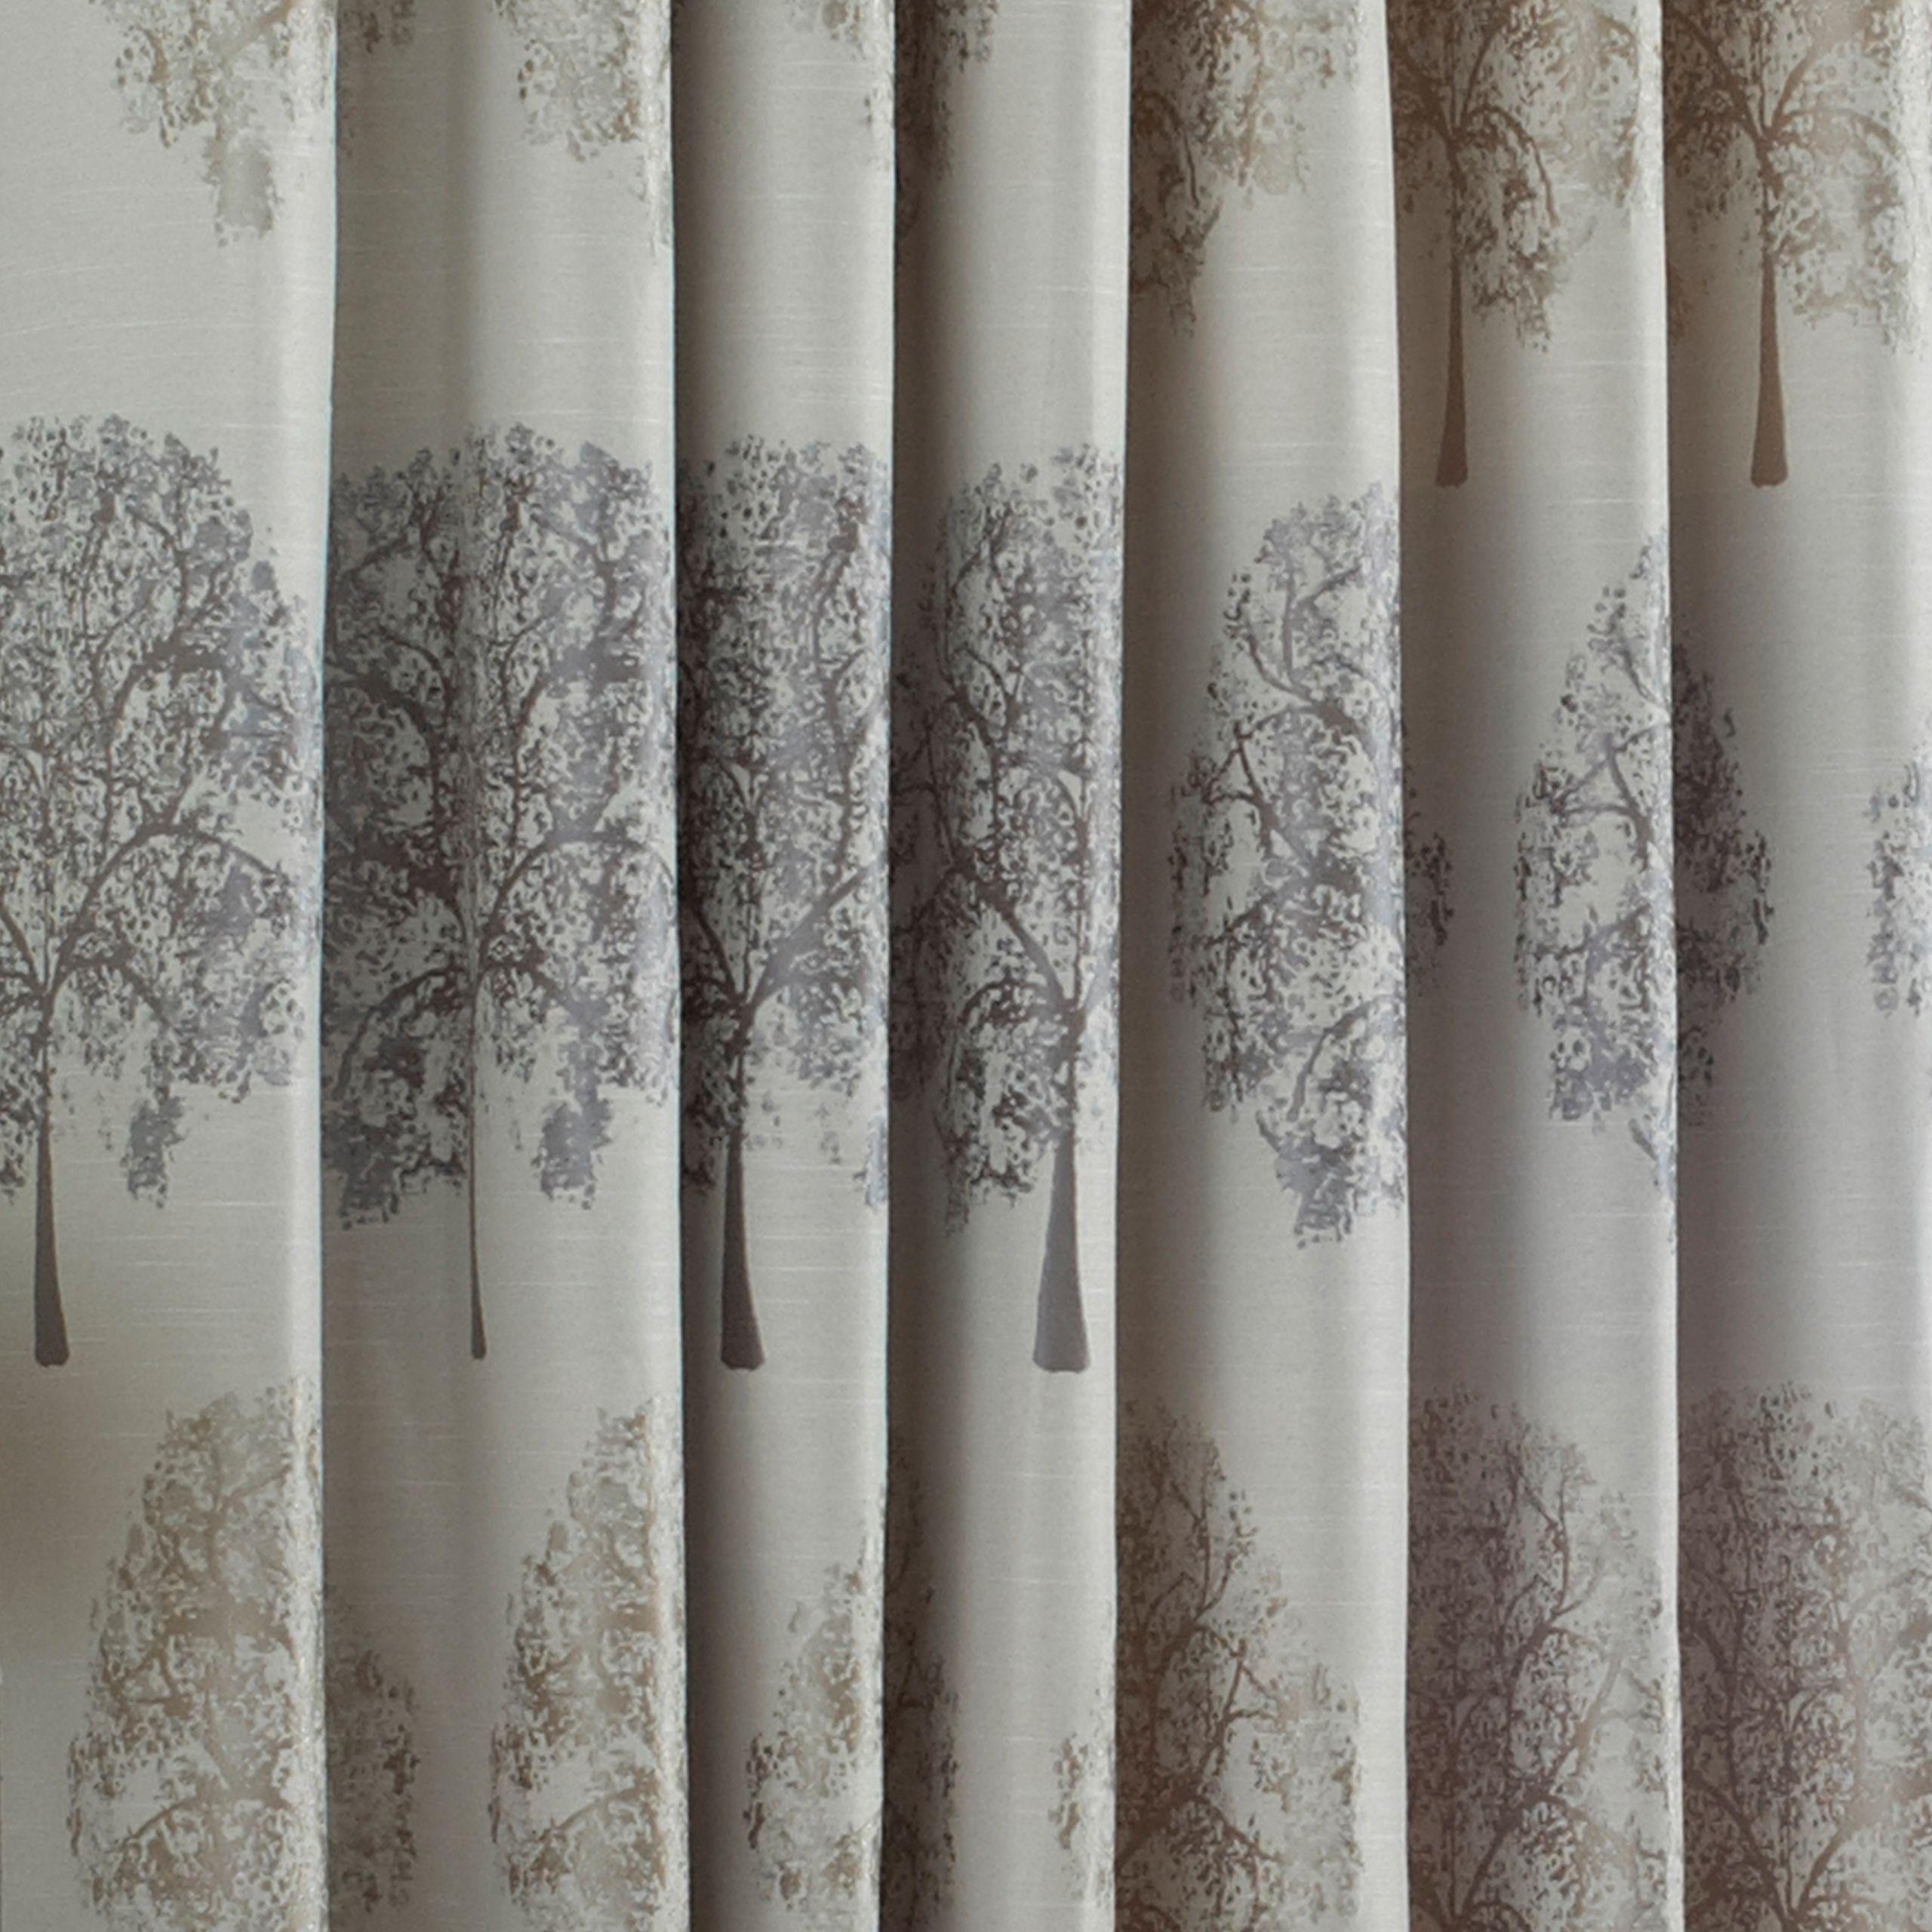 Oakdale Tree Motif Eyelet Curtains in Silver